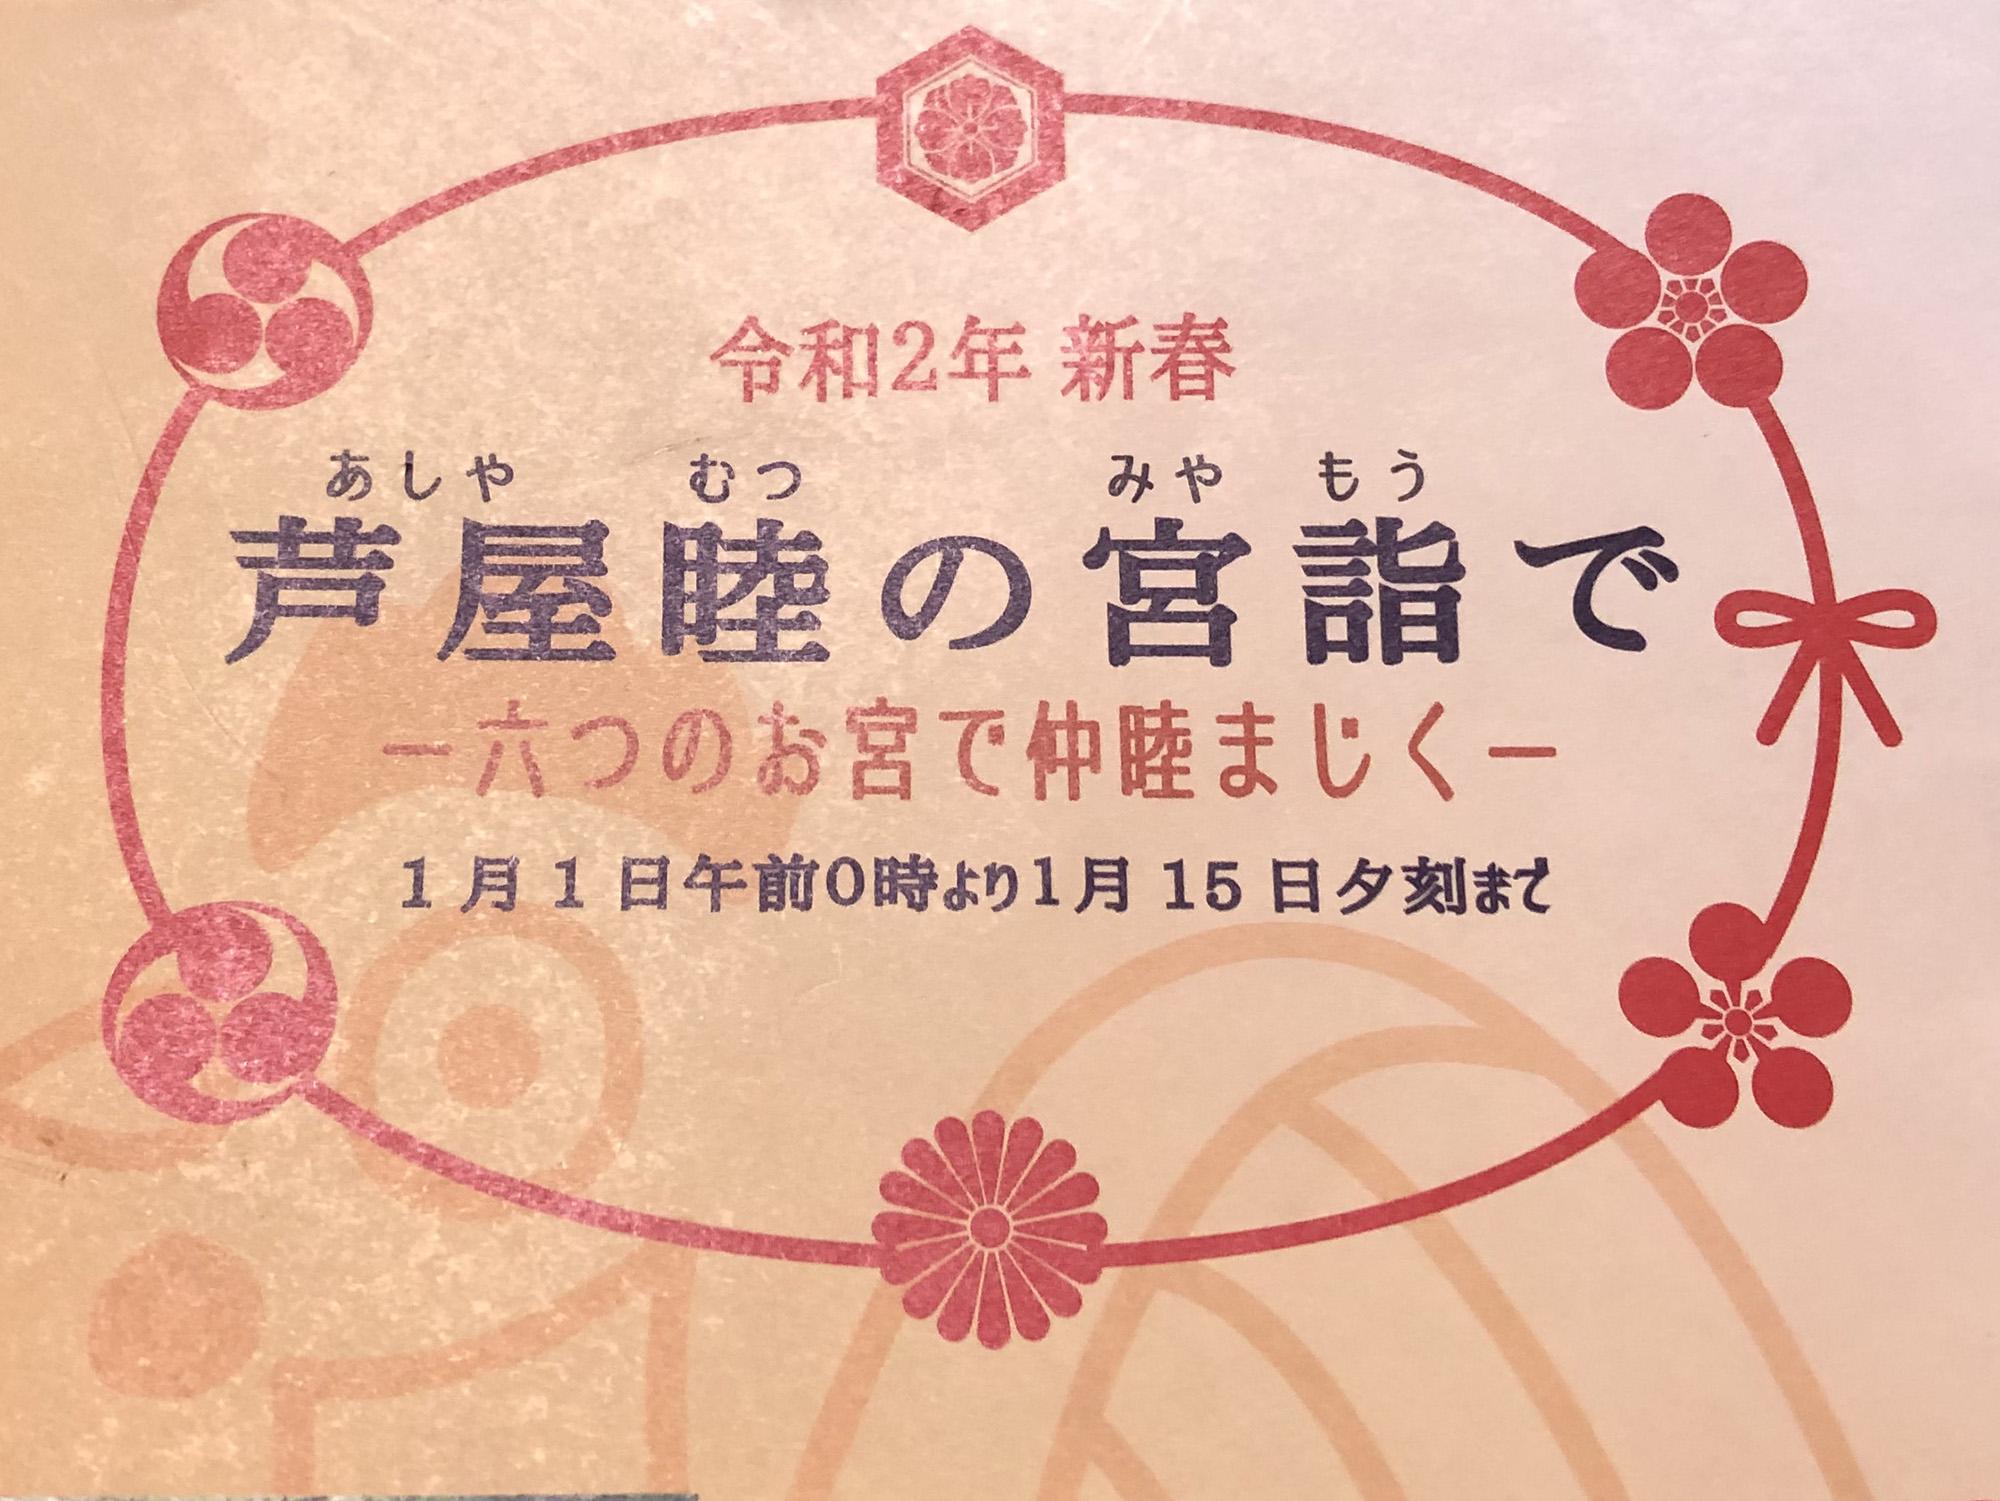 2020年新春 芦屋睦の宮詣で 1月15日夕刻まで